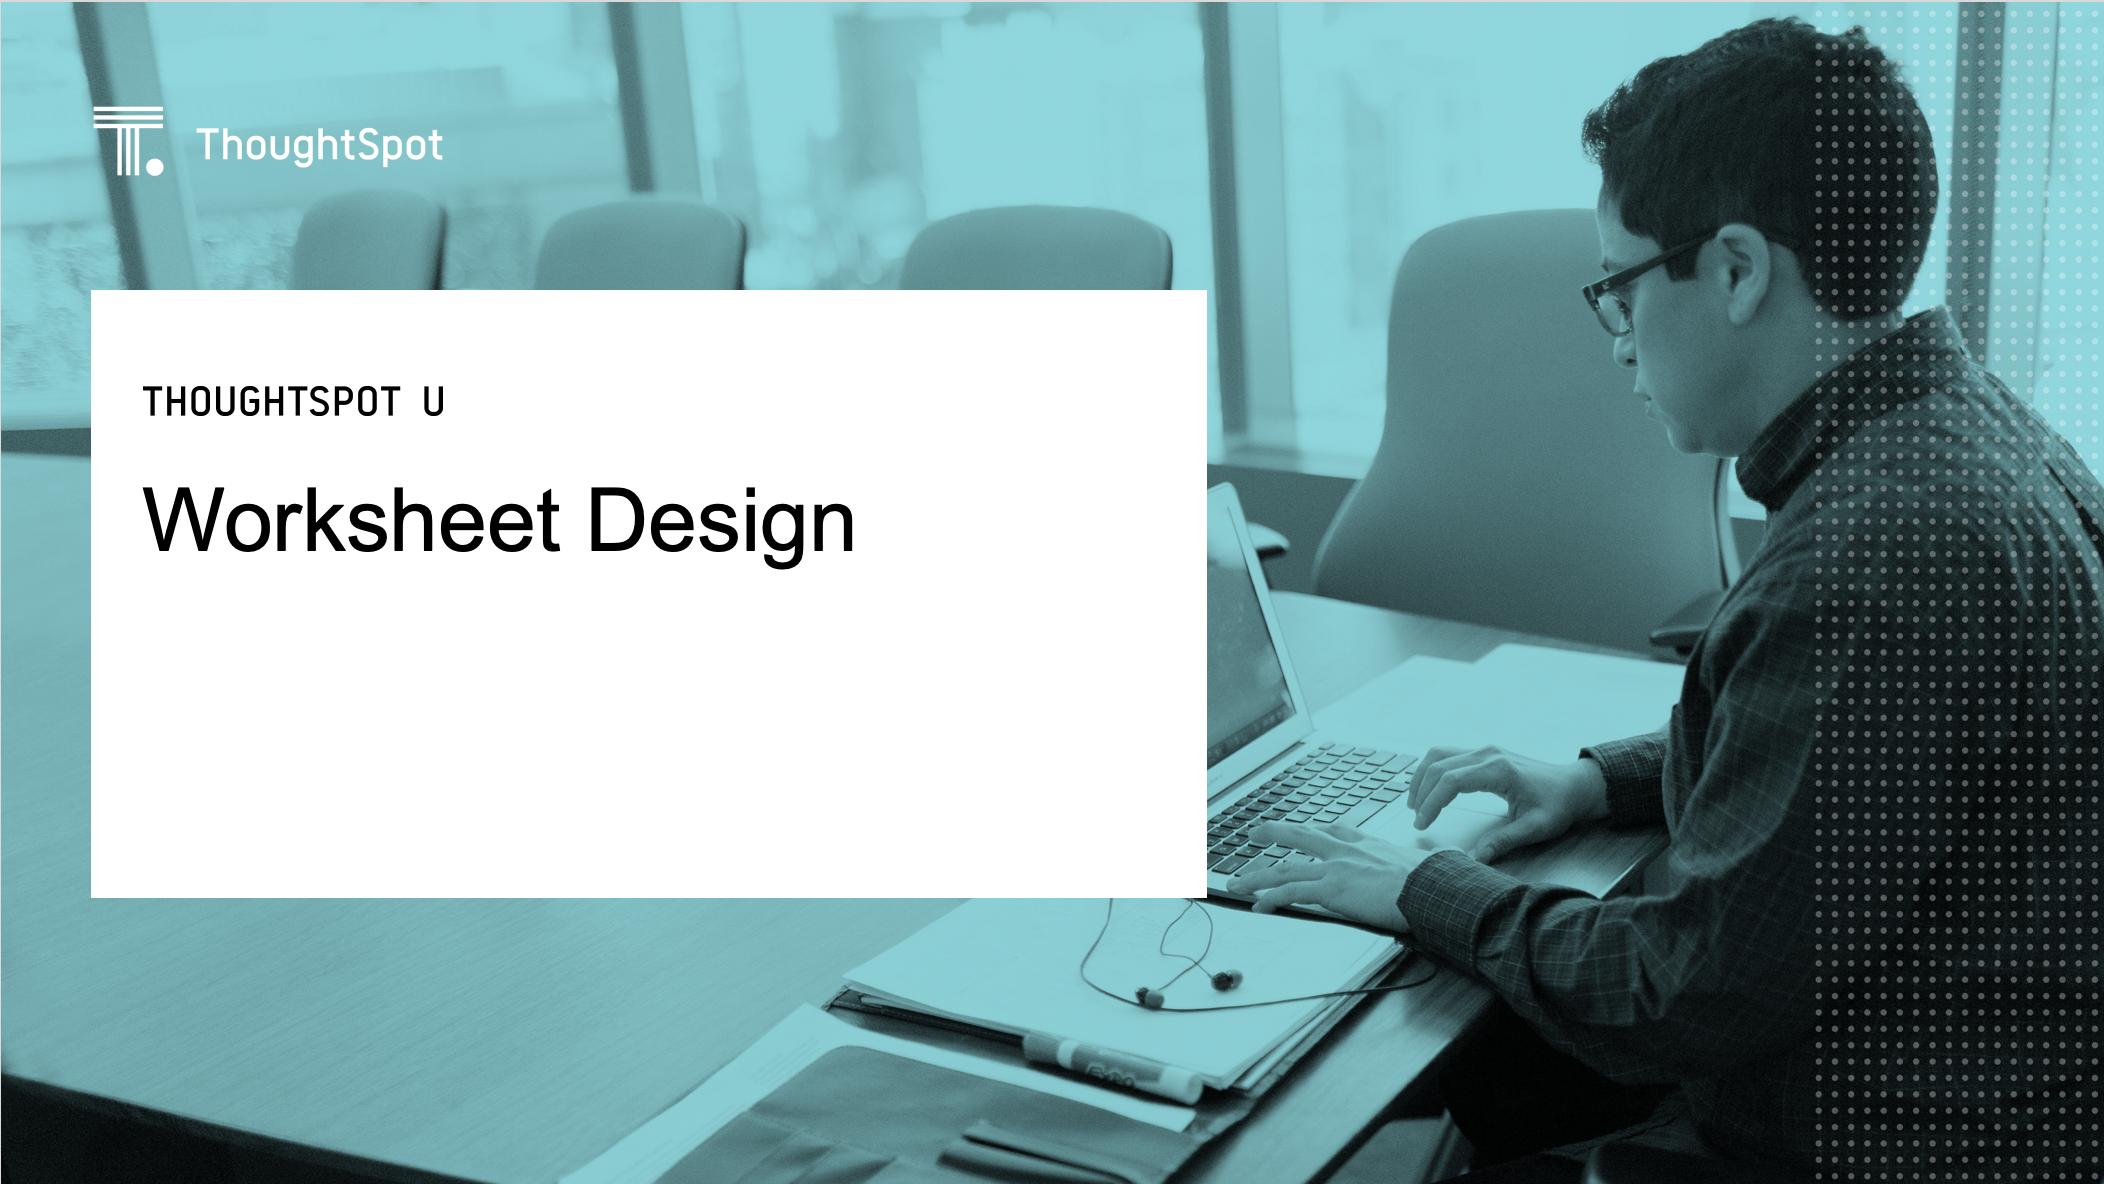 2: Worksheet Design